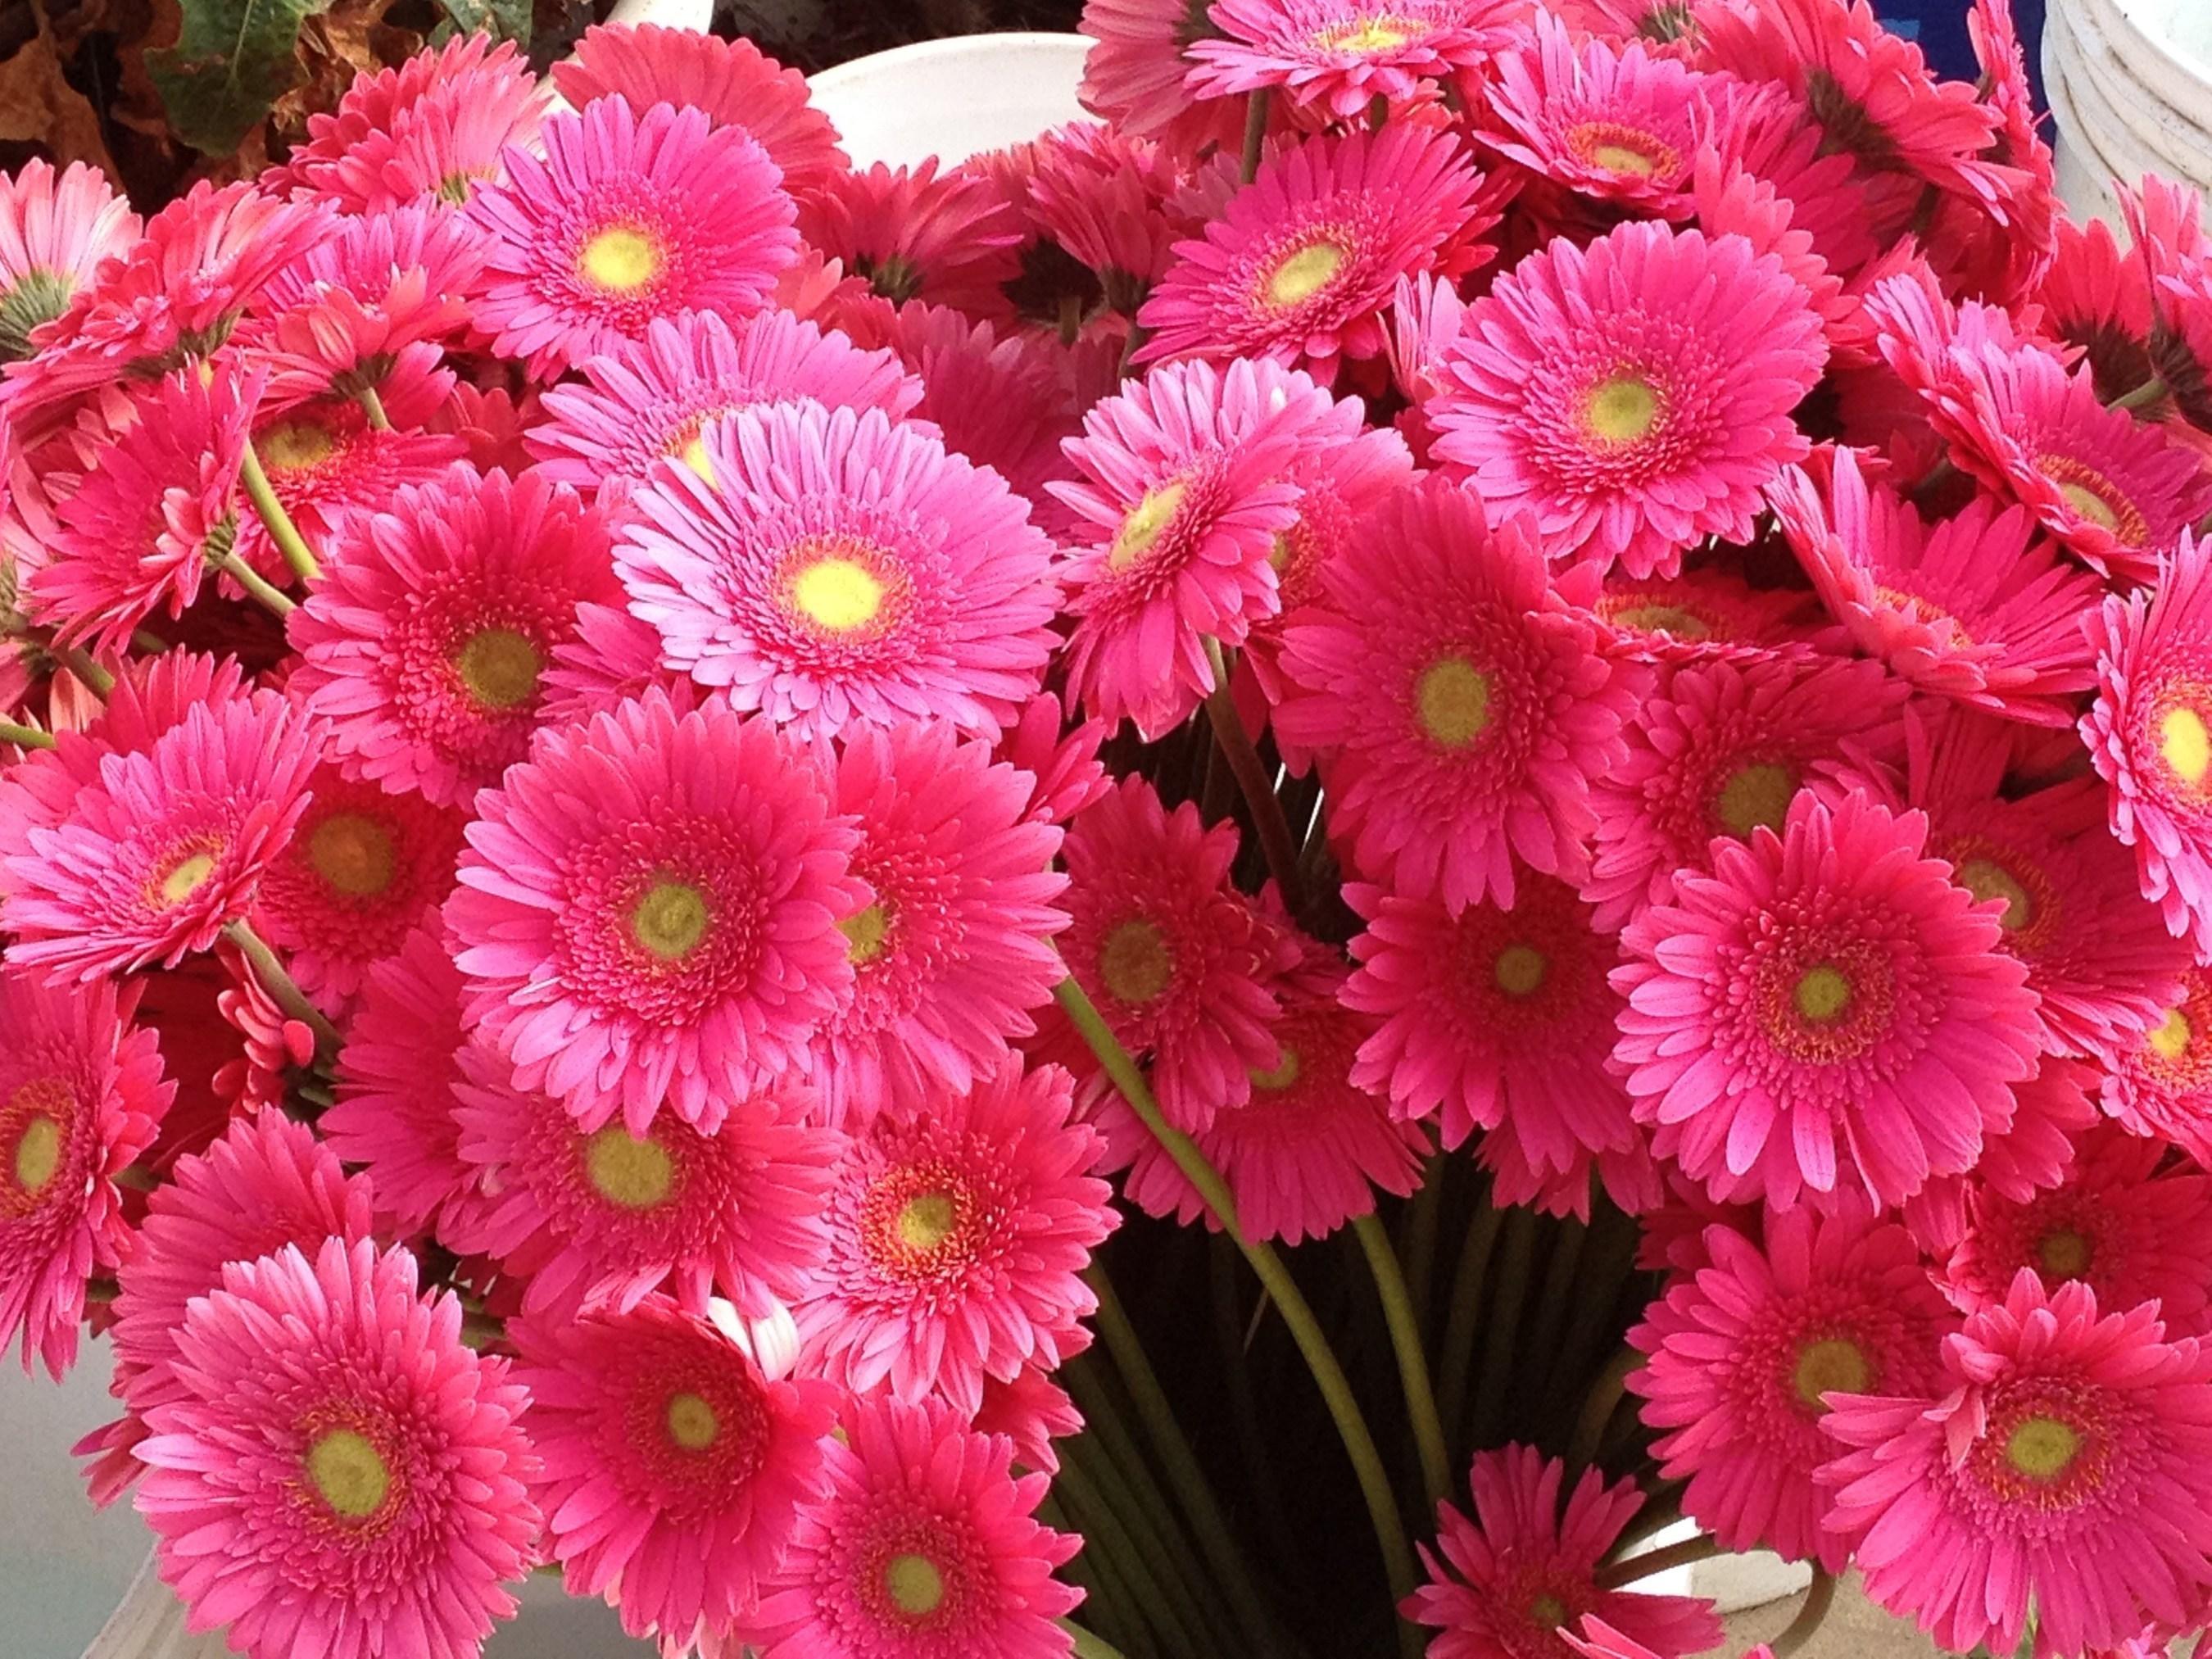 Dramm & Echter Farms Pink Gerbera Daisies